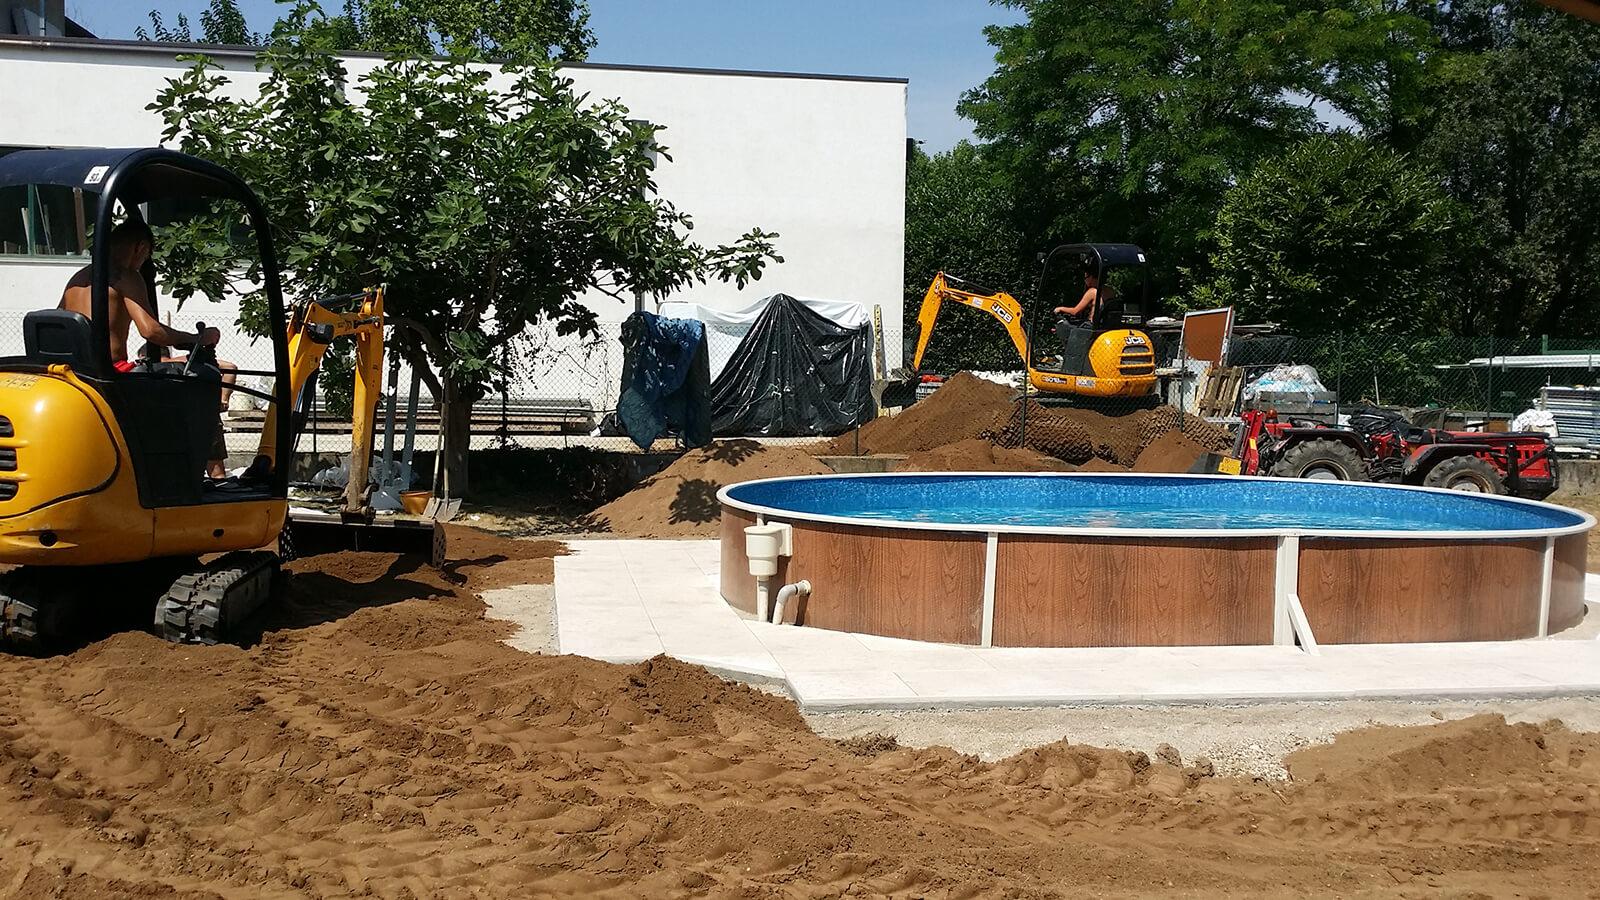 progettazione realizzazione giardini bolzano vicentino - verde blu giardini 1